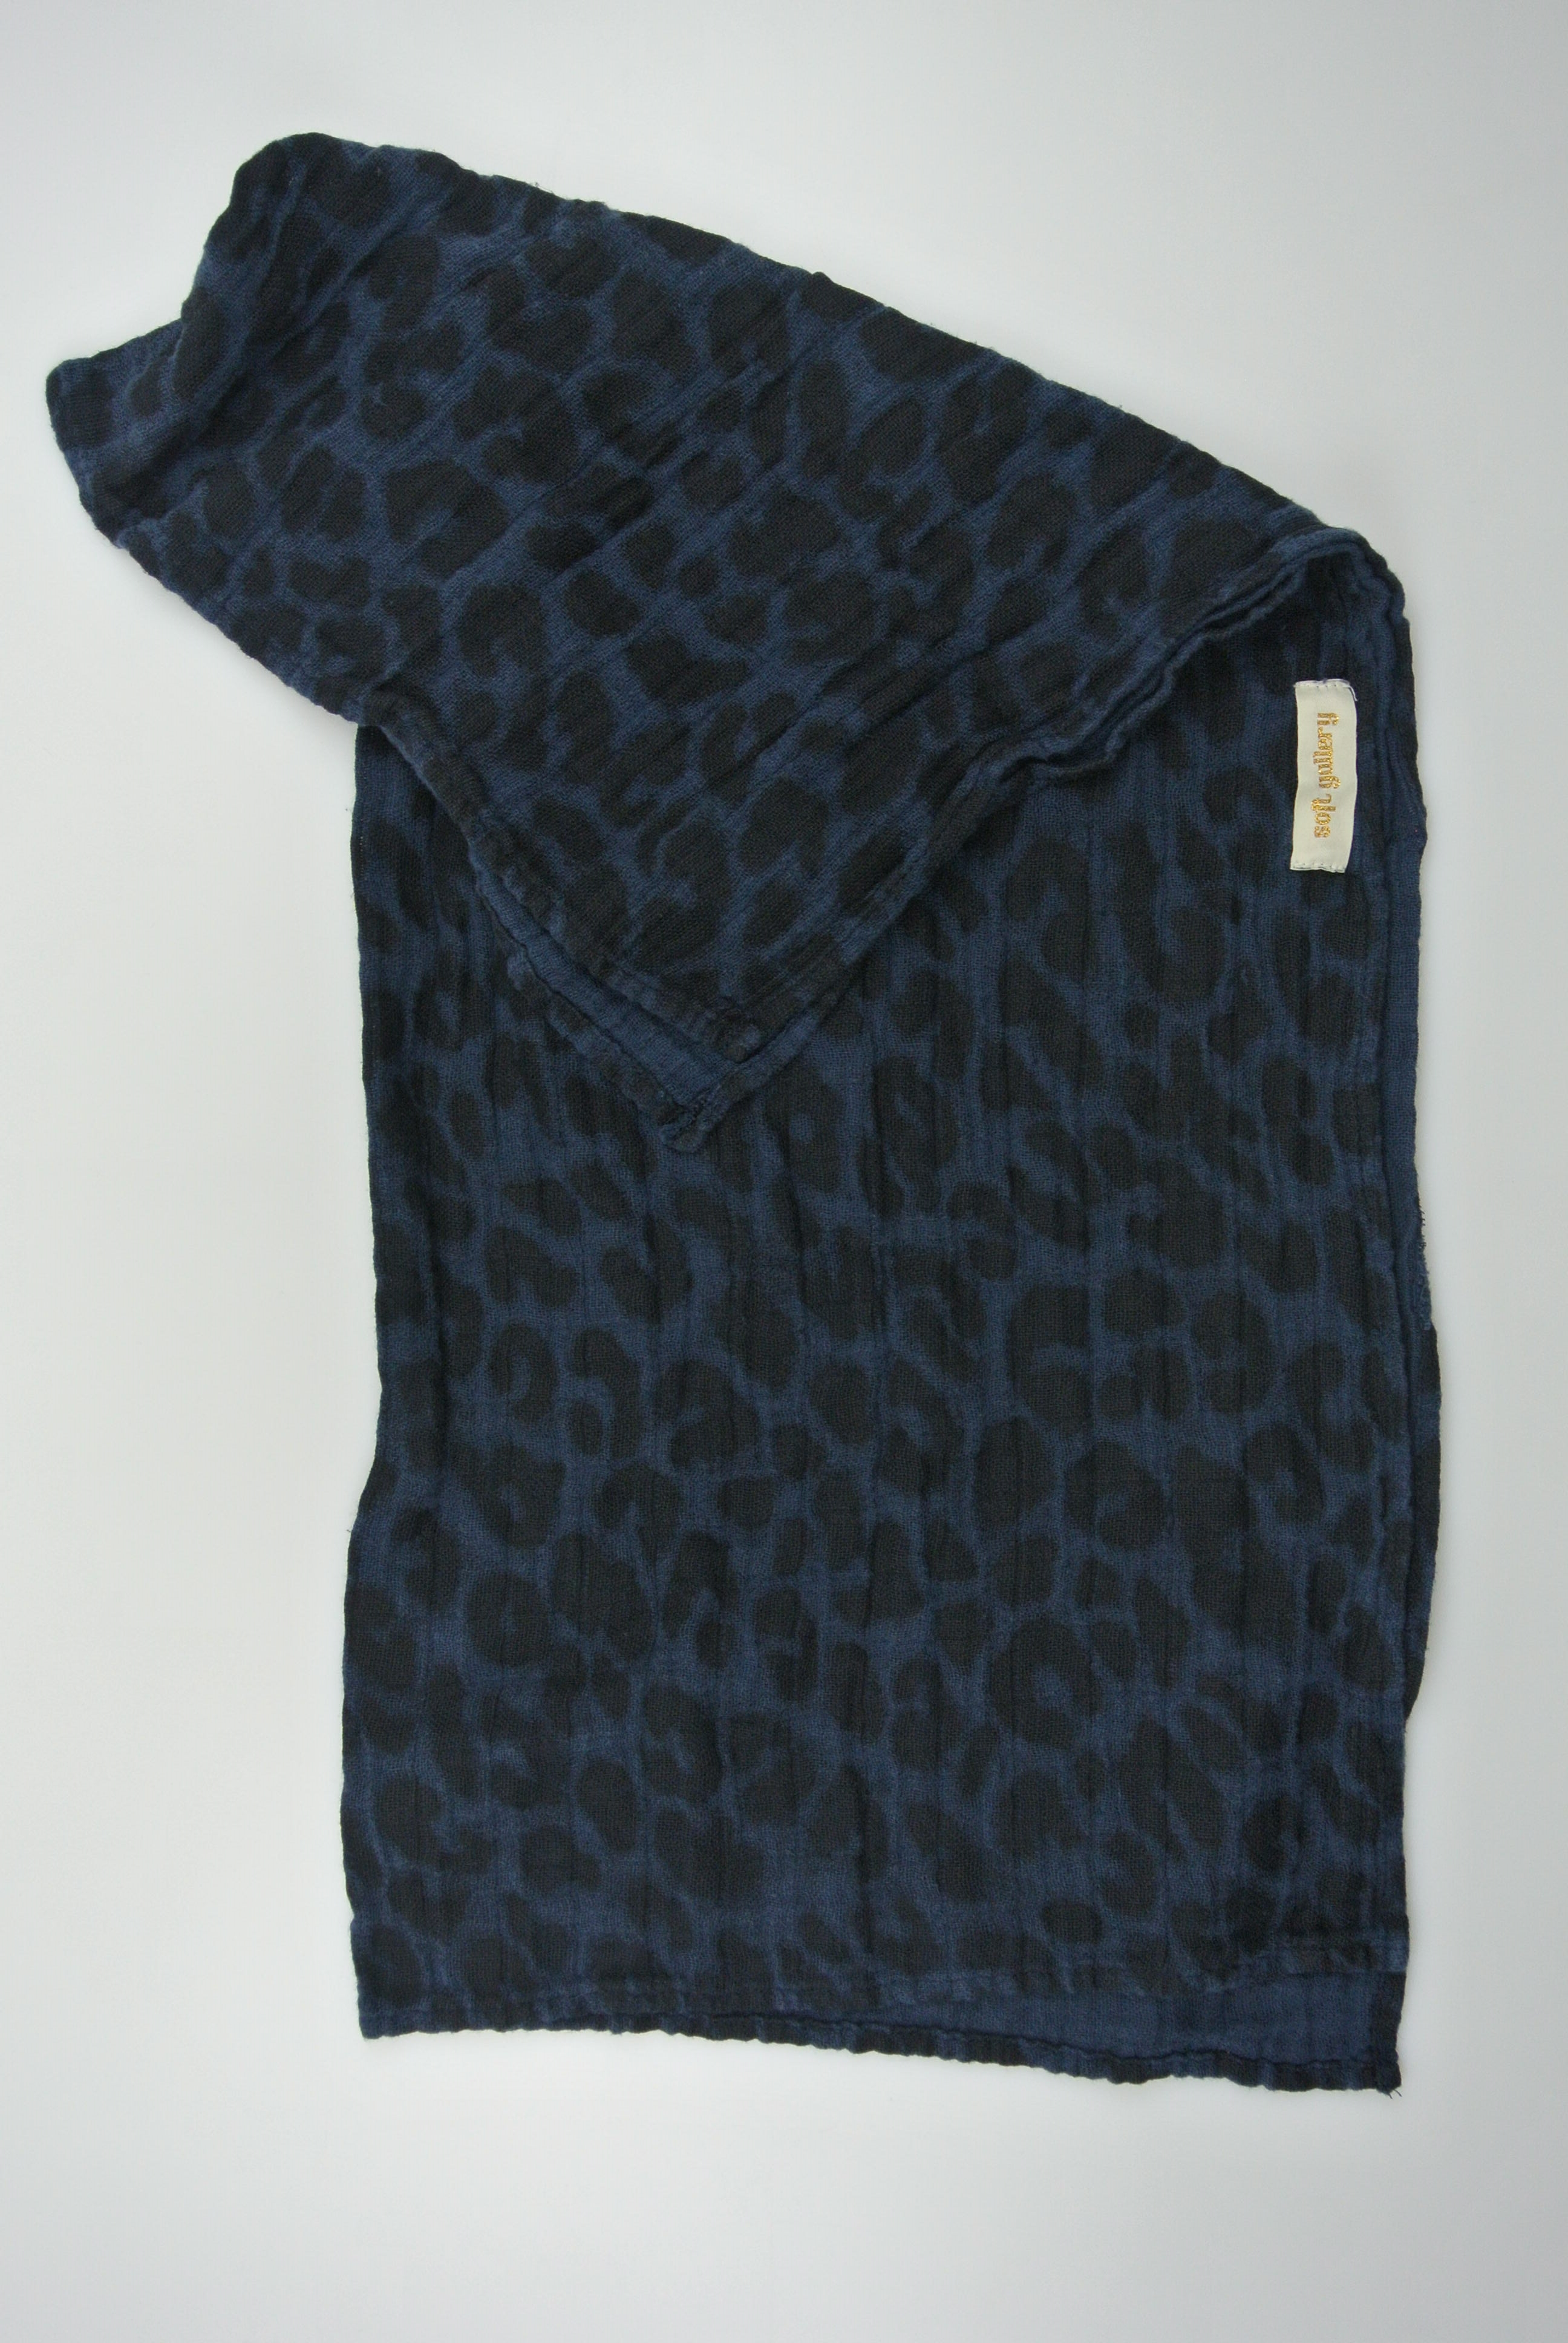 Soft gallery Stofble tekstil